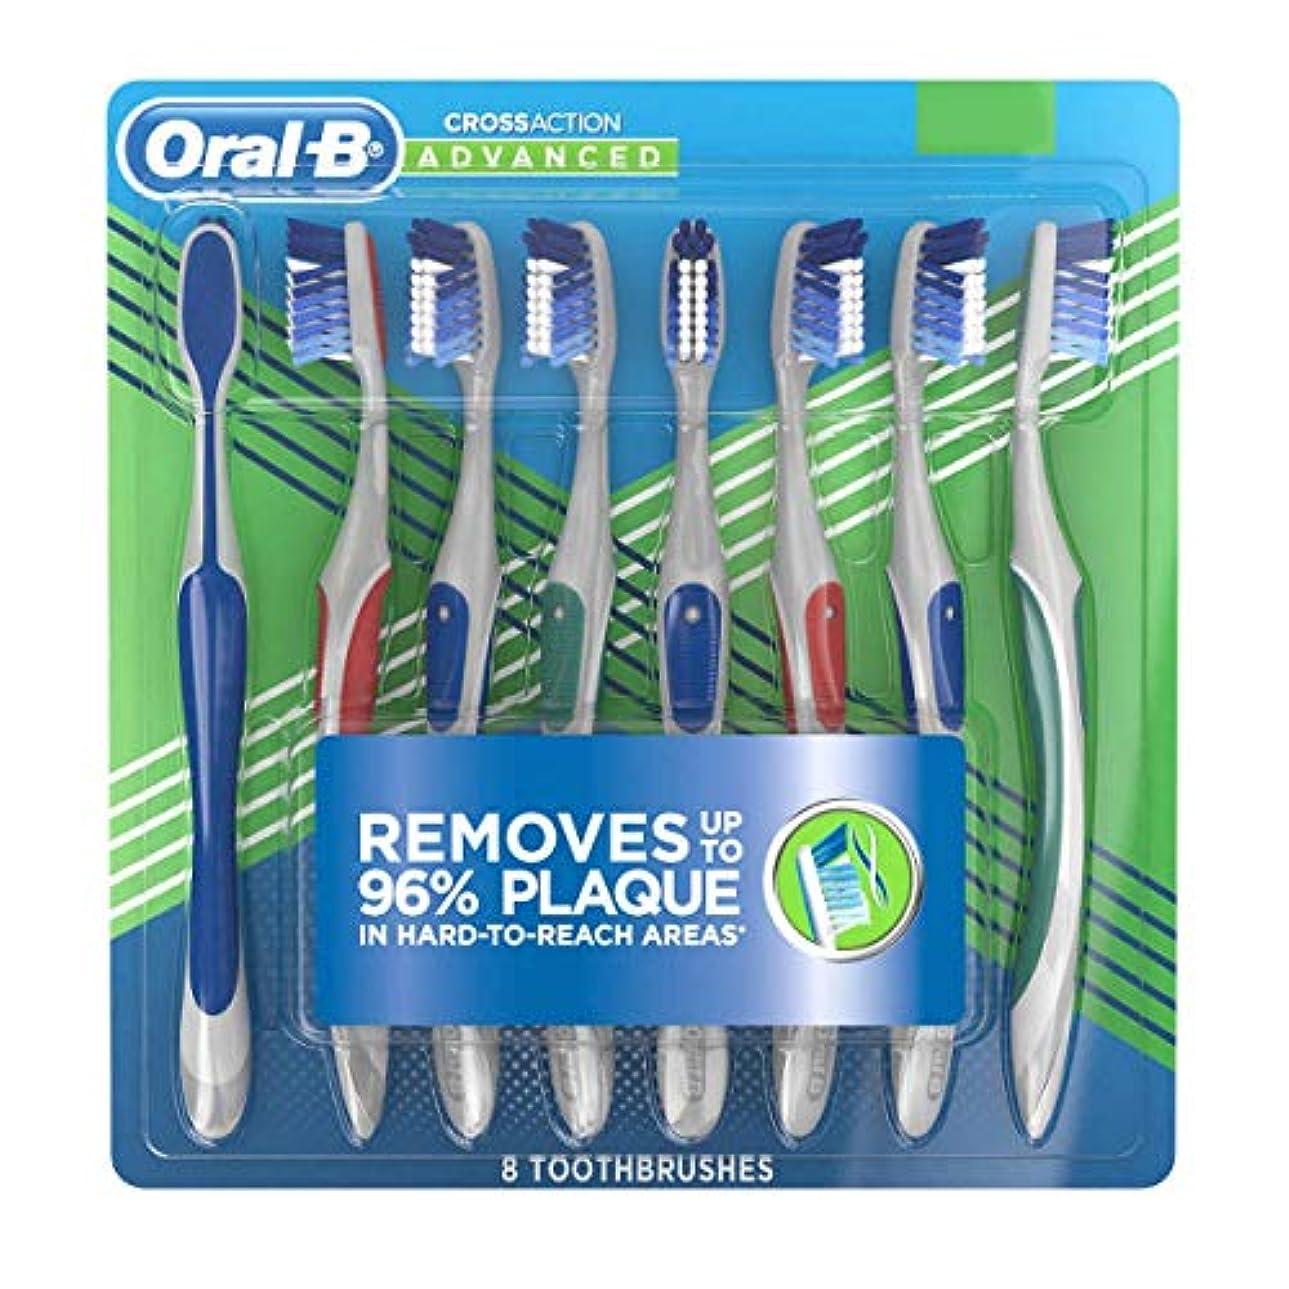 ニックネーム暗殺者電話をかけるOral-B Pro-Health Cross Action Advanced Toothbrush 8-pack SOFT オーラルB プロヘルス クロスアクション アドバンスド 歯ブラシ8本セット(ソフトタイプ)